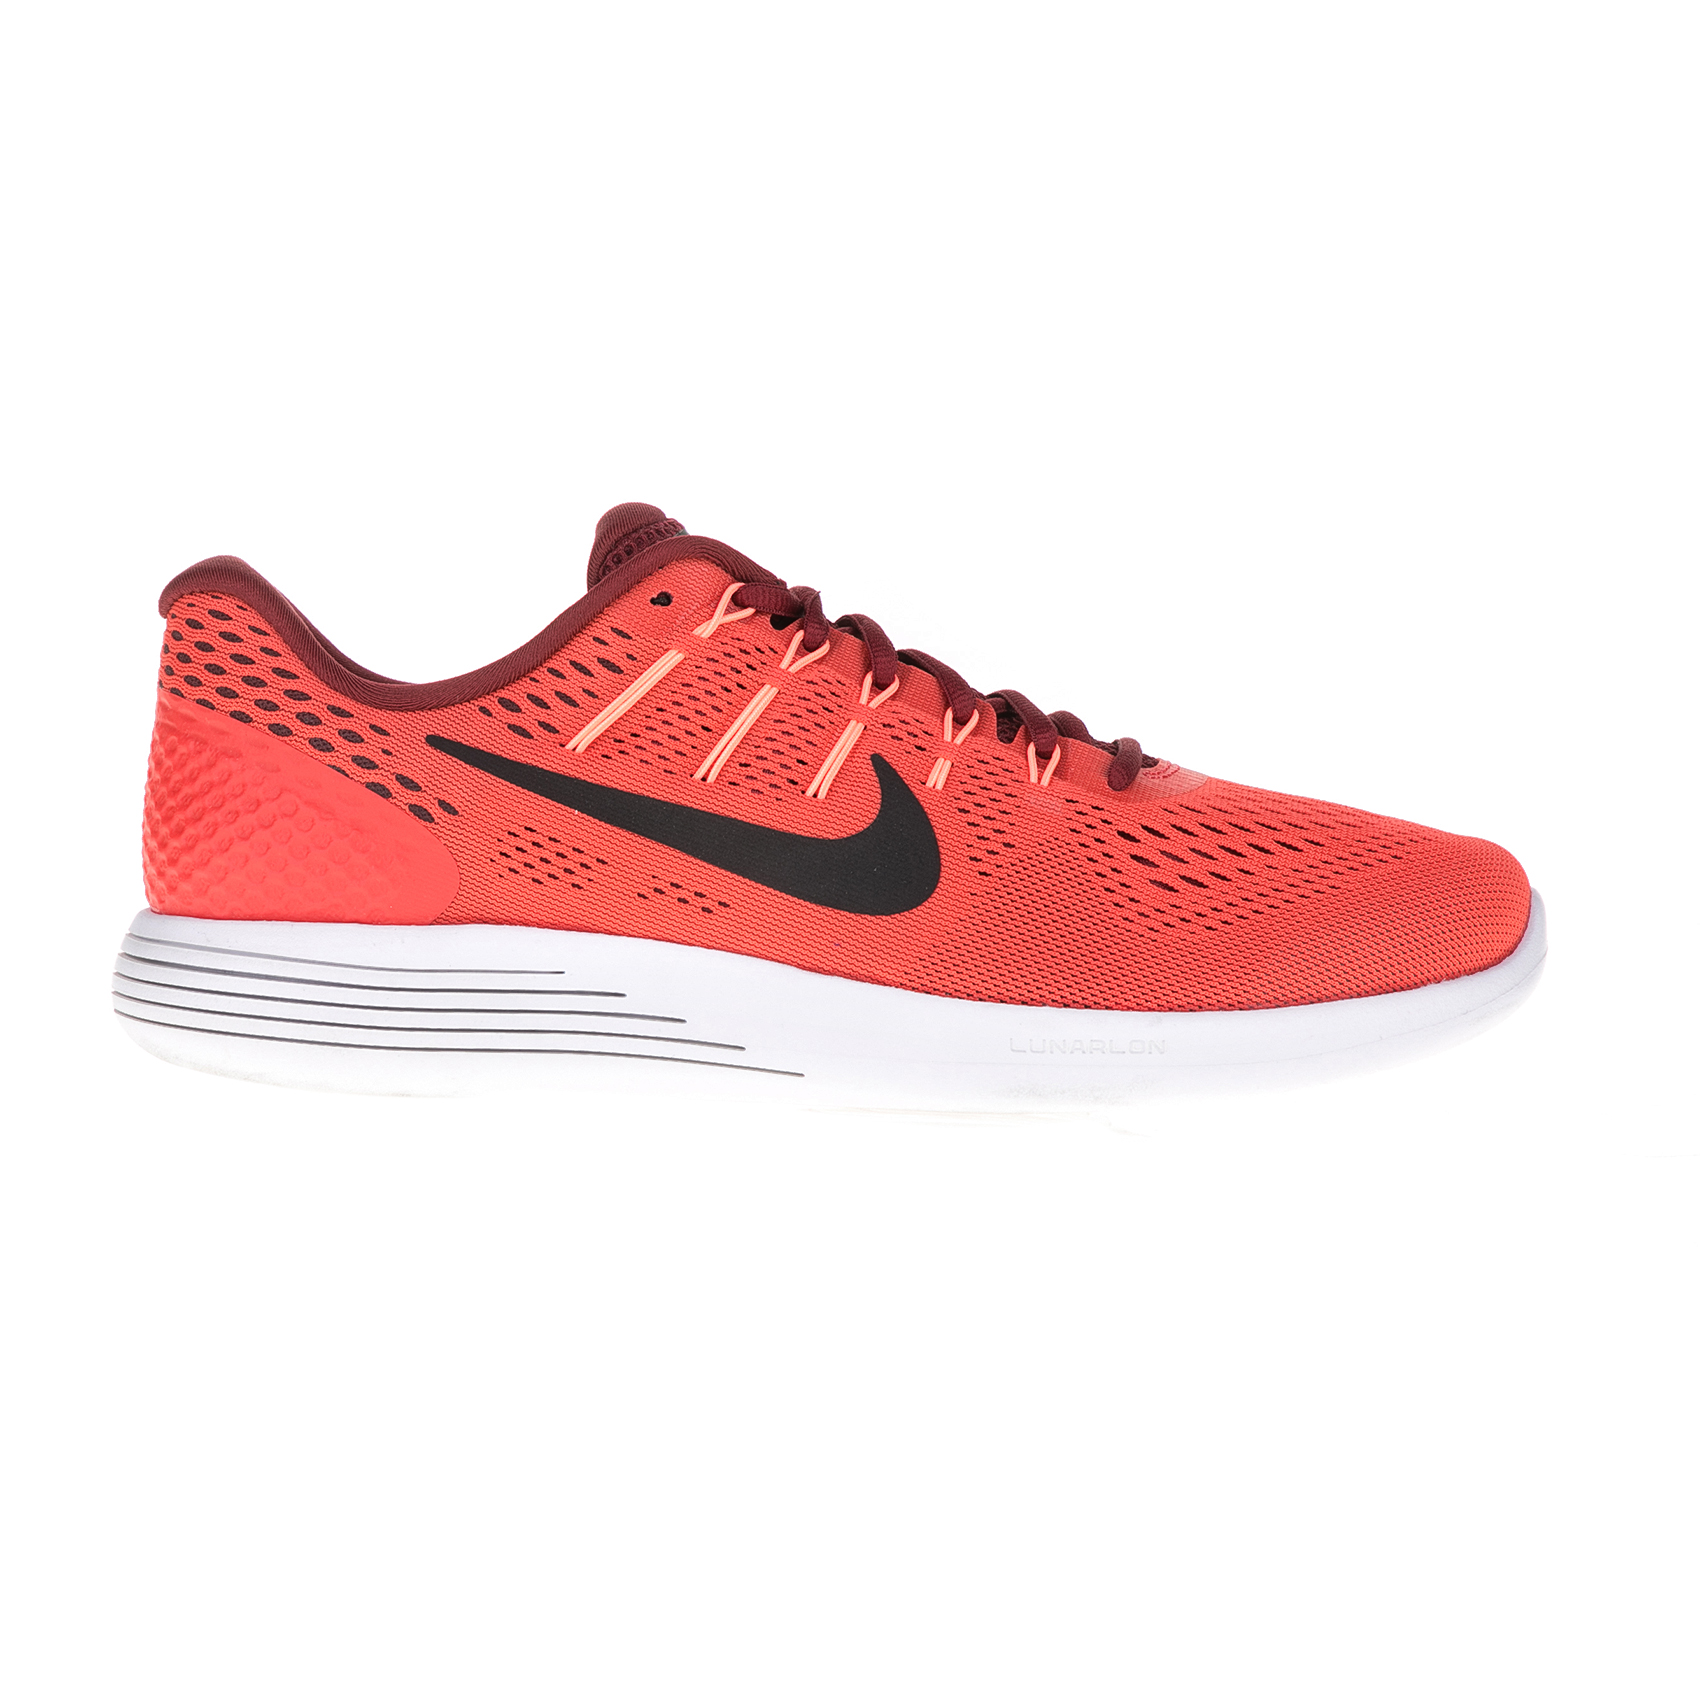 NIKE – Ανδρικά αθλητικά παπούτσια NIKE LUNARGLIDE 8 κόκκινα